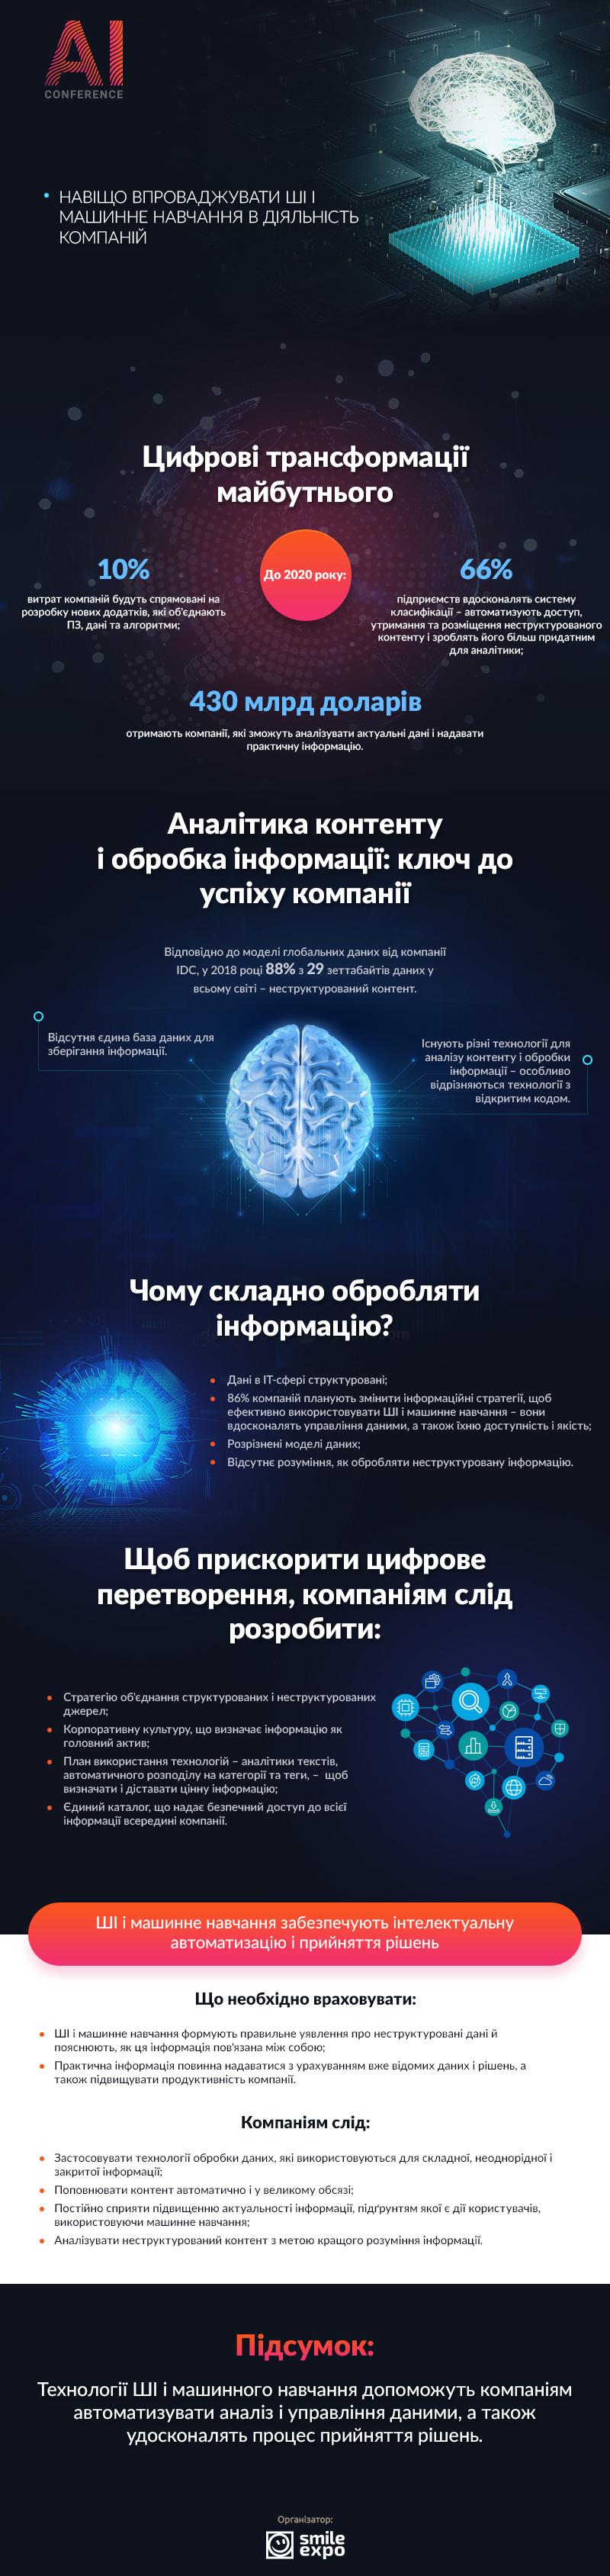 Чому слід впроваджувати AI і машинне навчання в роботу компаній: інфографіка